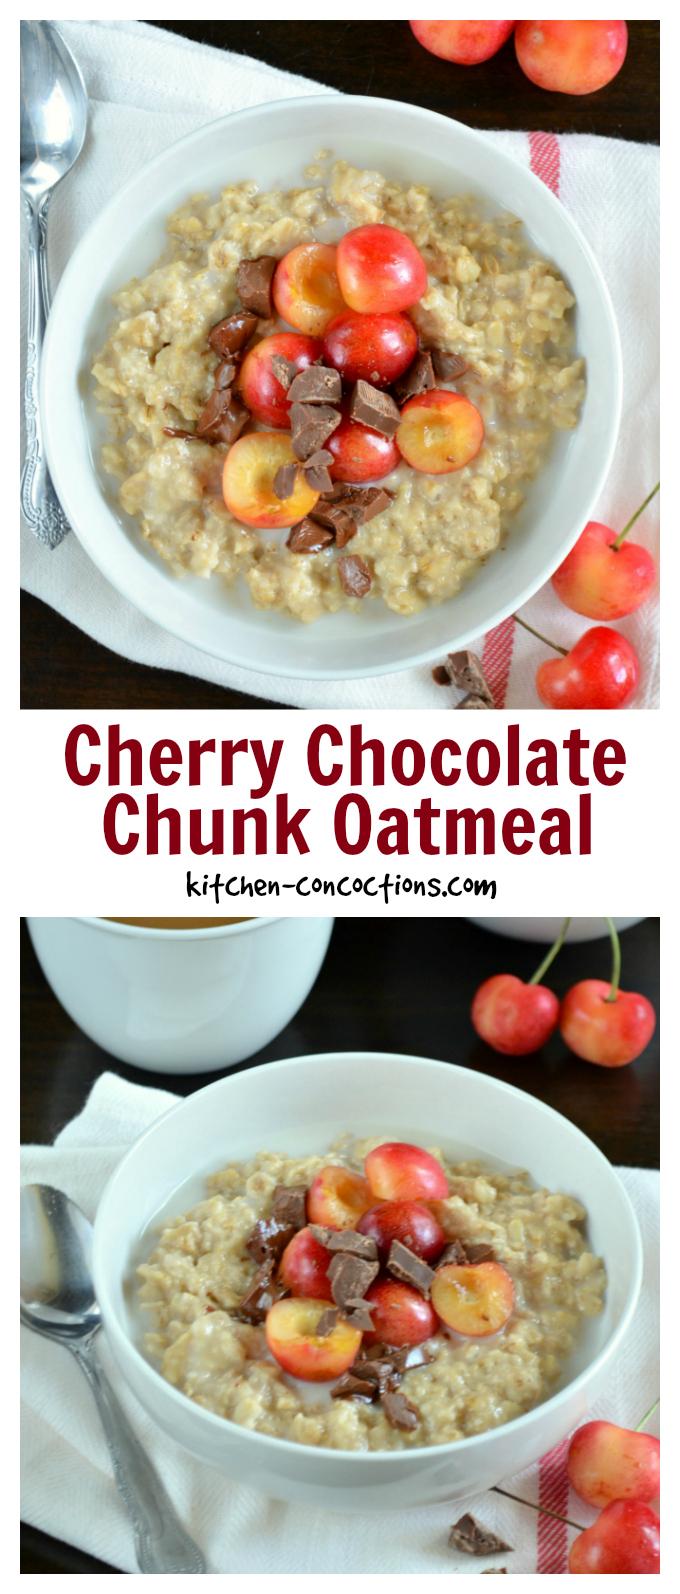 Cherry Chocolate Chunk Oatmeal